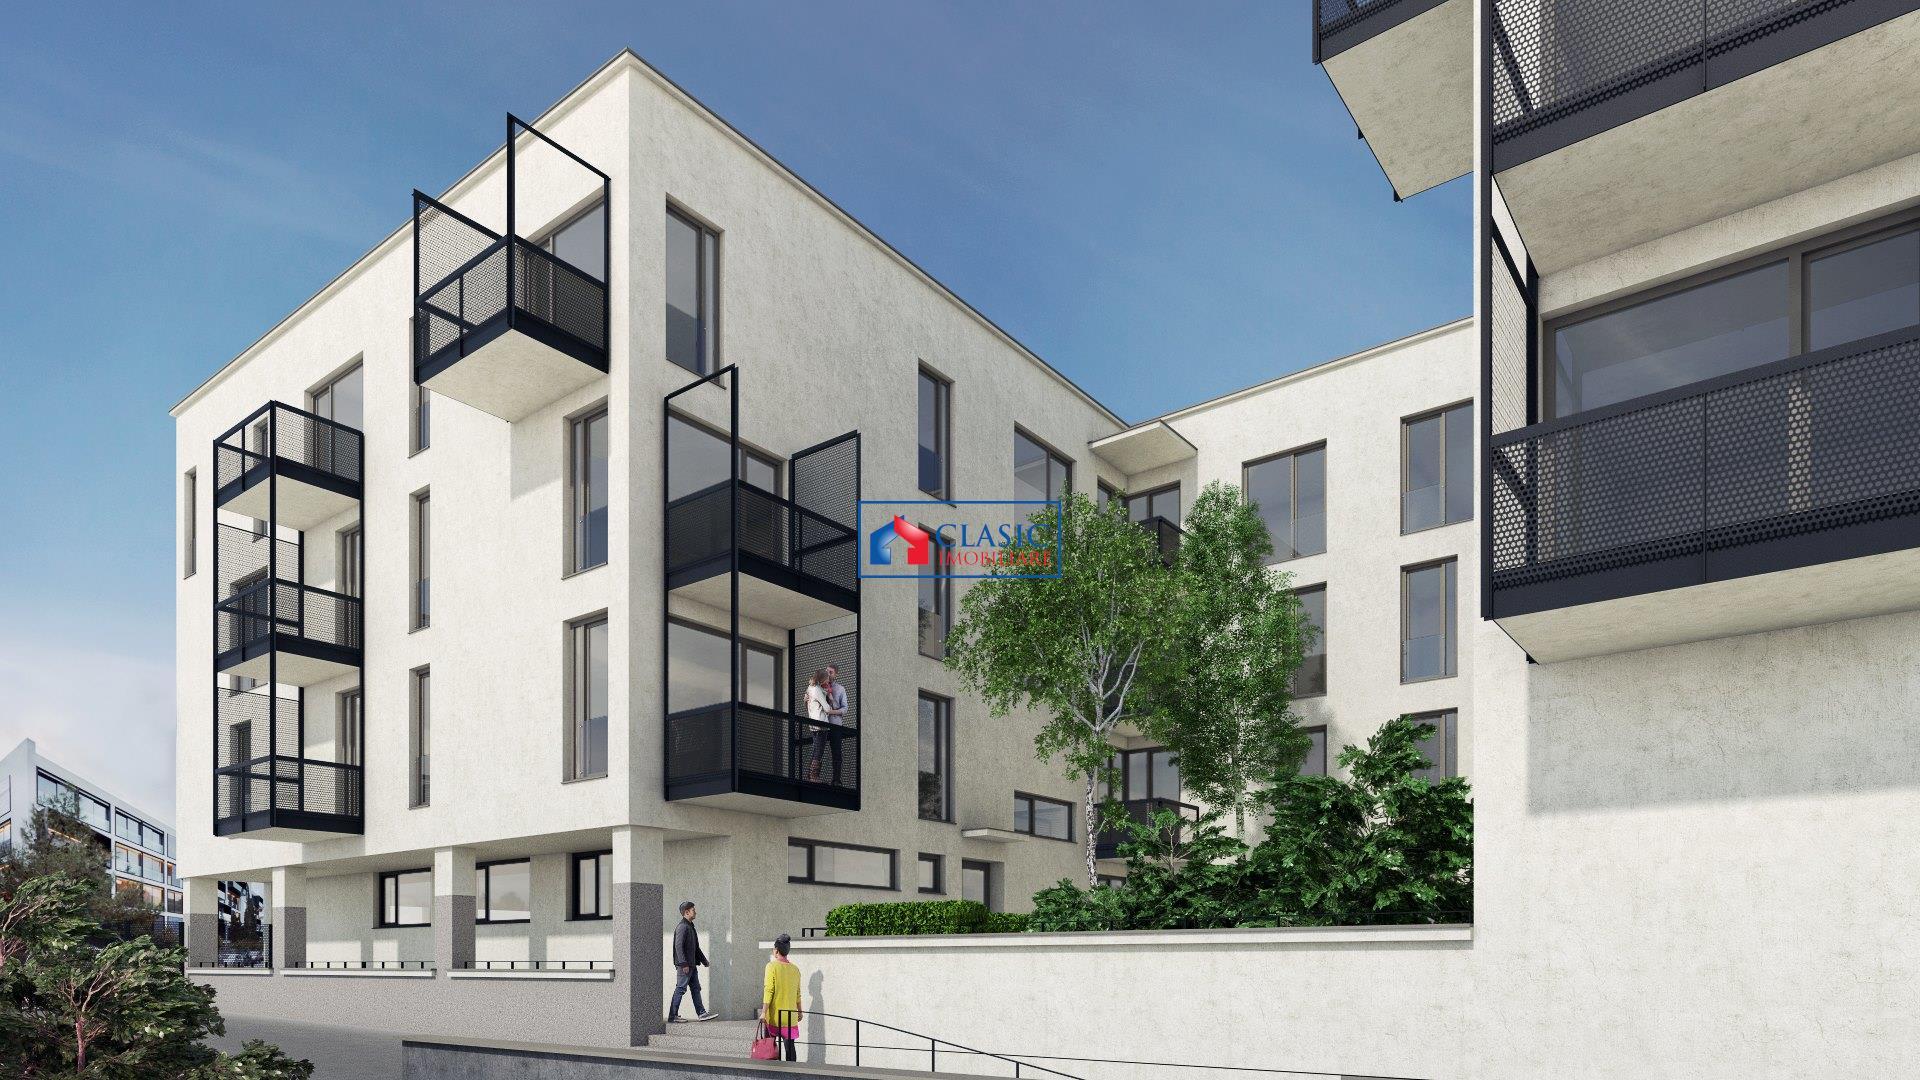 Inchiriere spatiu comercial/birouri Centru, zona Motilor, Cluj Napoca